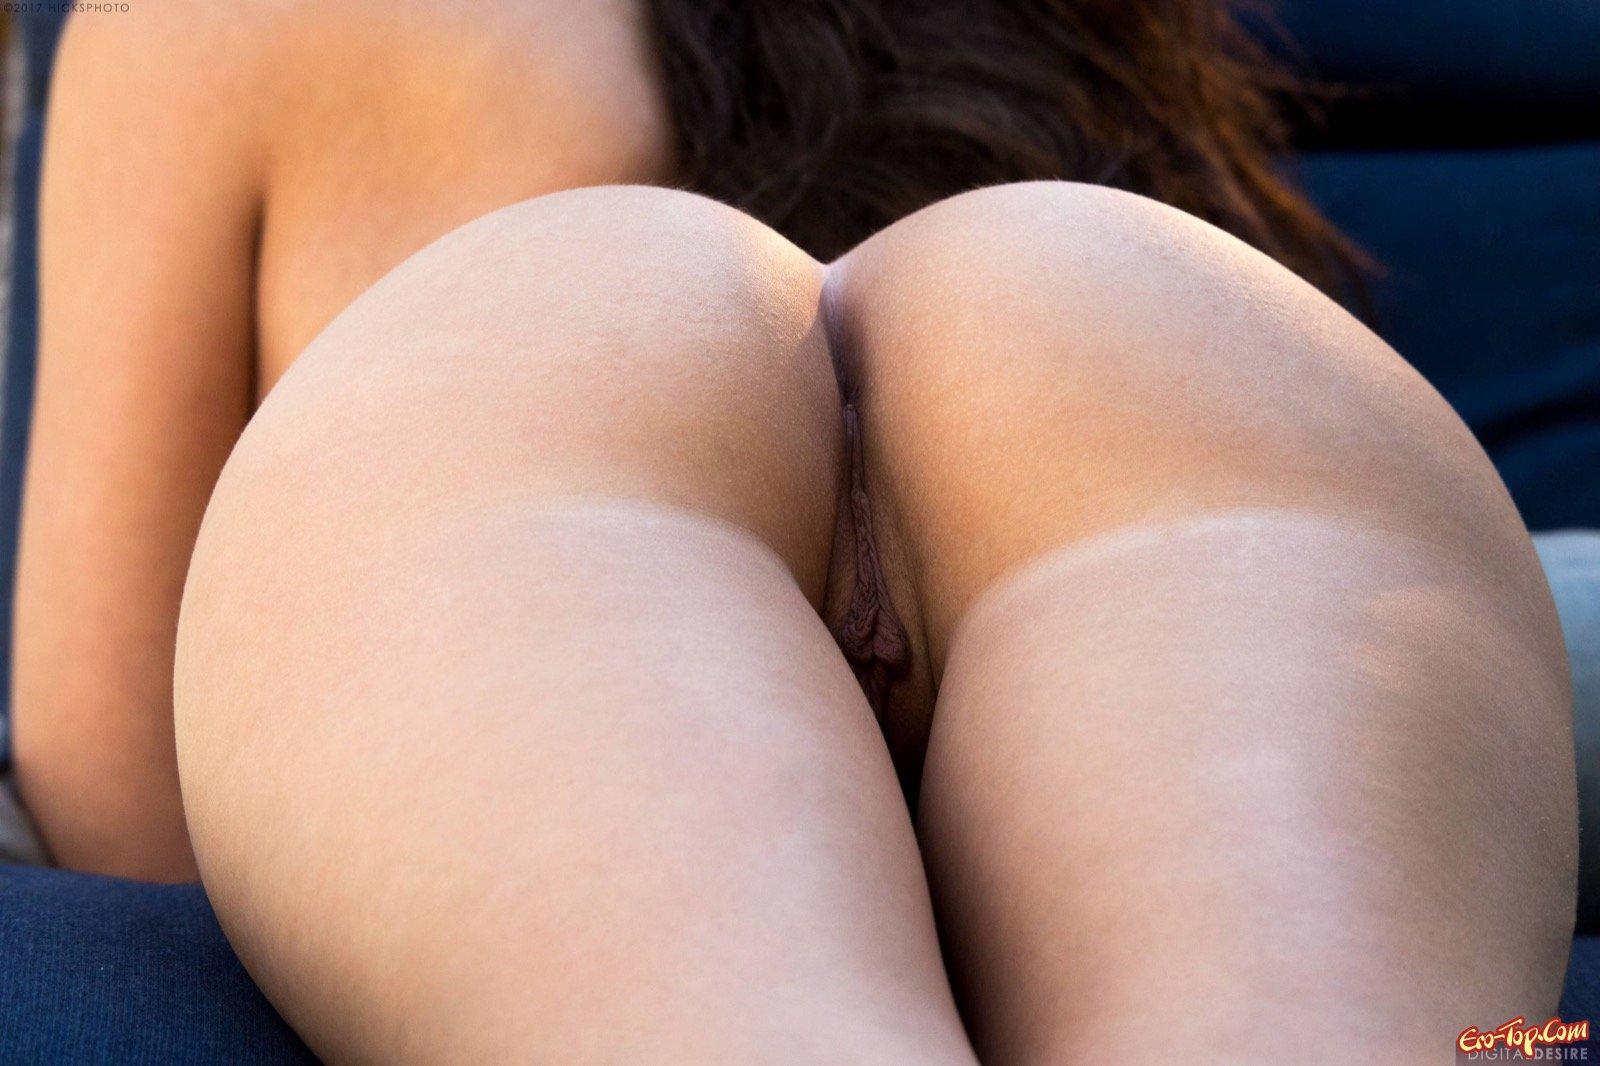 Сексуальная модель раздевшись показала упругую попу